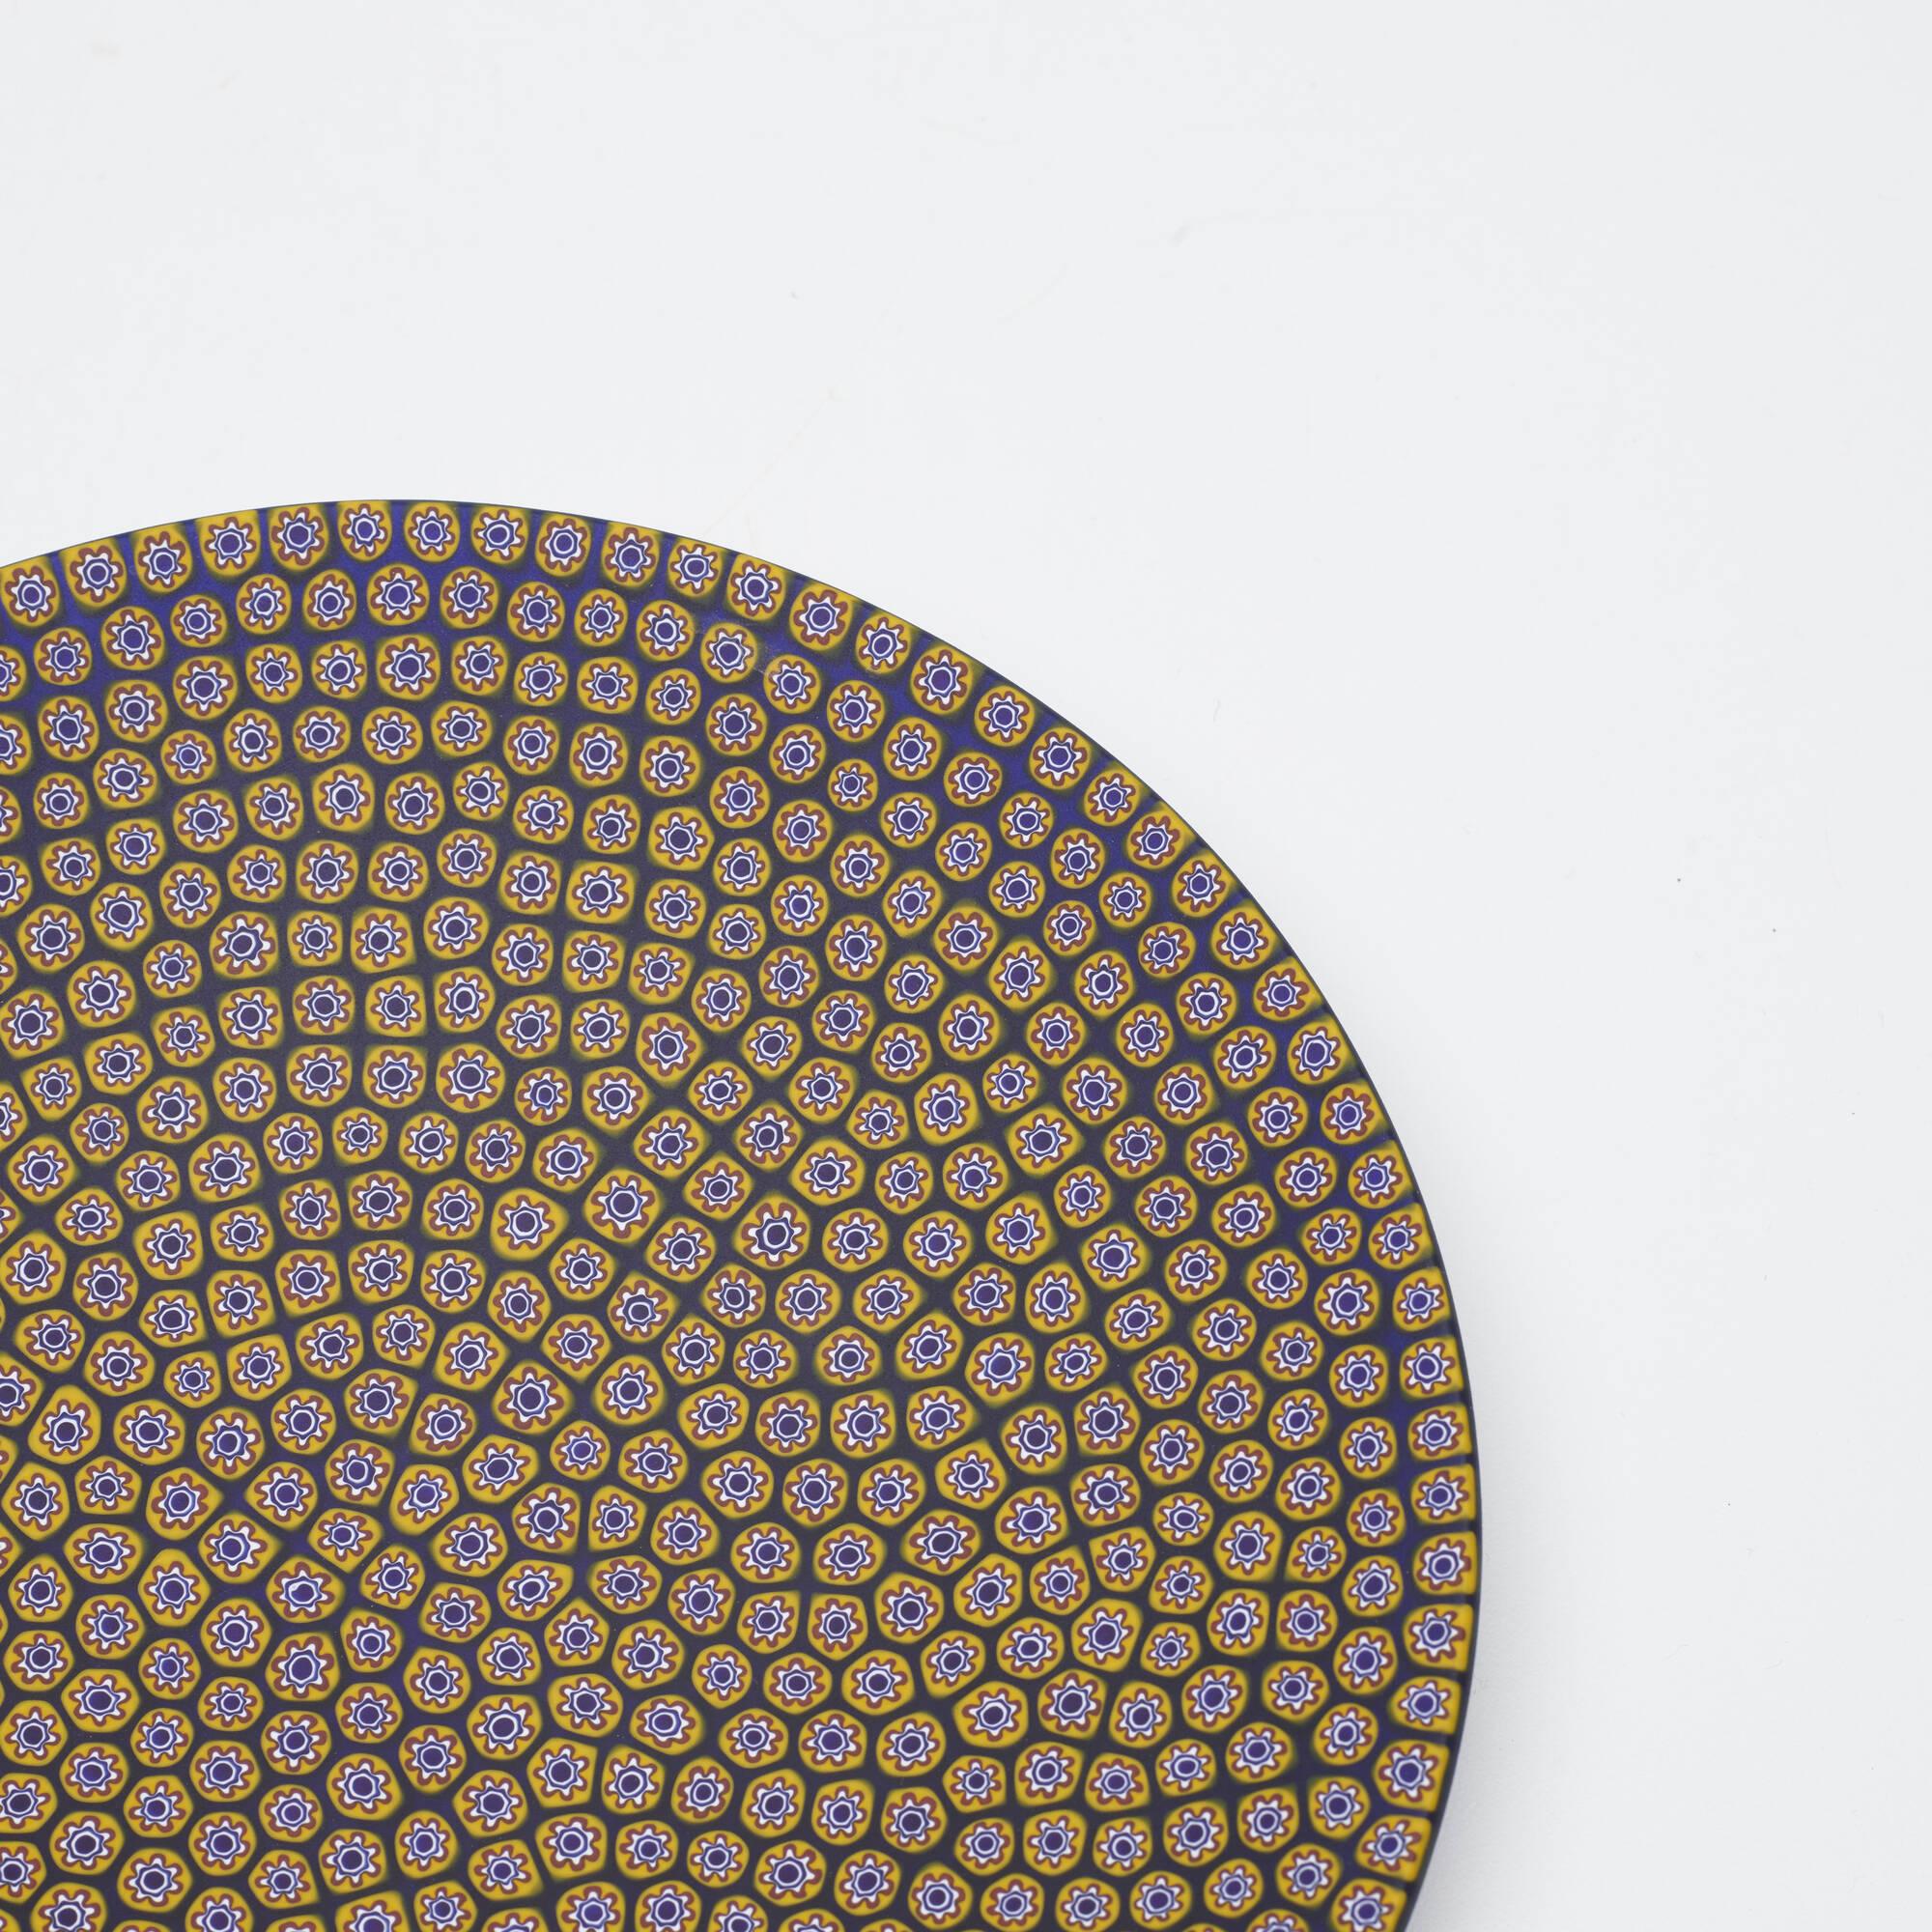 613: Carlo Moretti / plate (2 of 2)